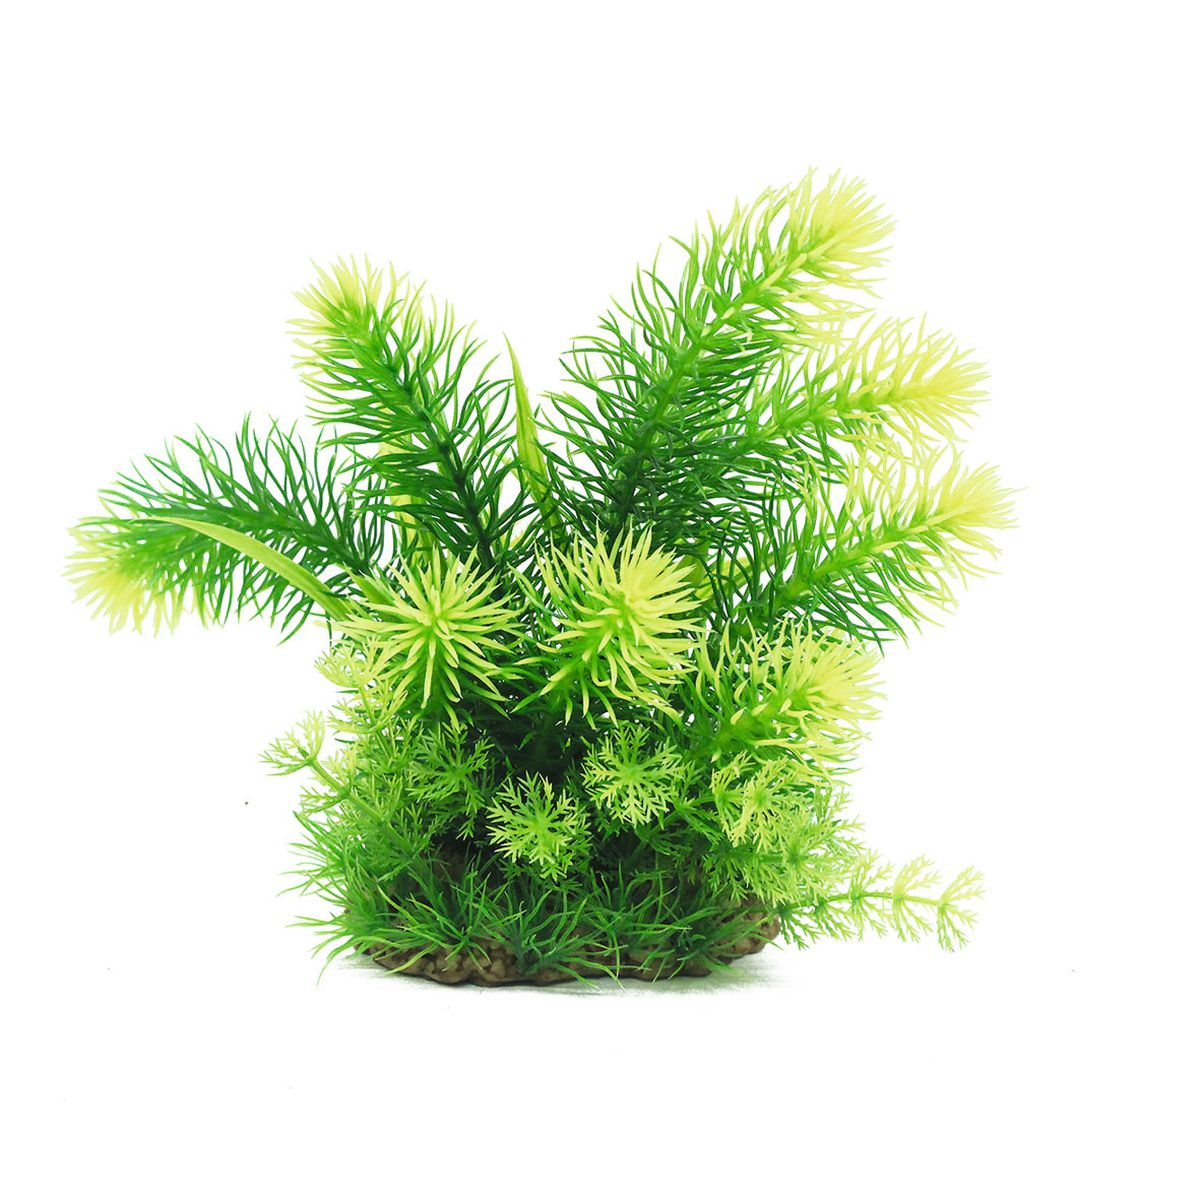 Растение для аквариума ArtUniq Погостемон эректус, высота 20 смART-1160513Композиция из искусственных растений ArtUniq превосходно украсит и оживит аквариум.Растения - это важная часть любой композиции, они помогут вдохнуть жизнь в ландшафт любого аквариума или террариума. А их сходствос природными порадует даже самых взыскательных ценителей.